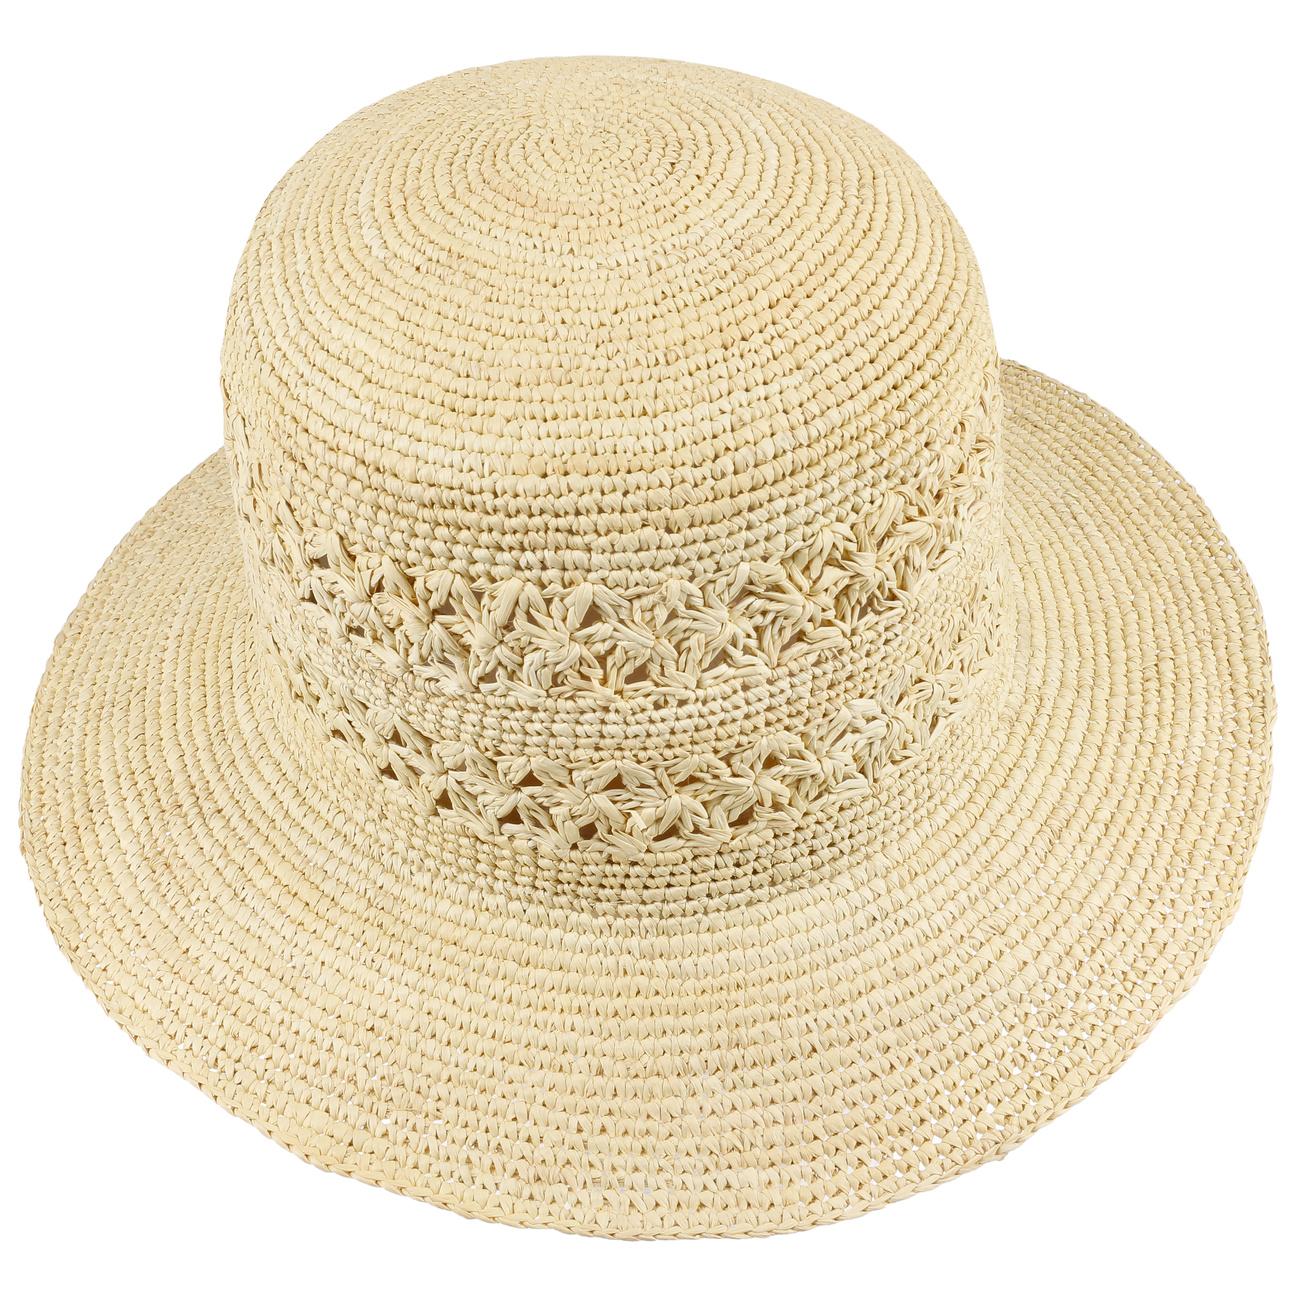 Sombrero Cloché Crochet Moriah by Mayser - Sombreros - sombreroshop.es 65981ce5f35